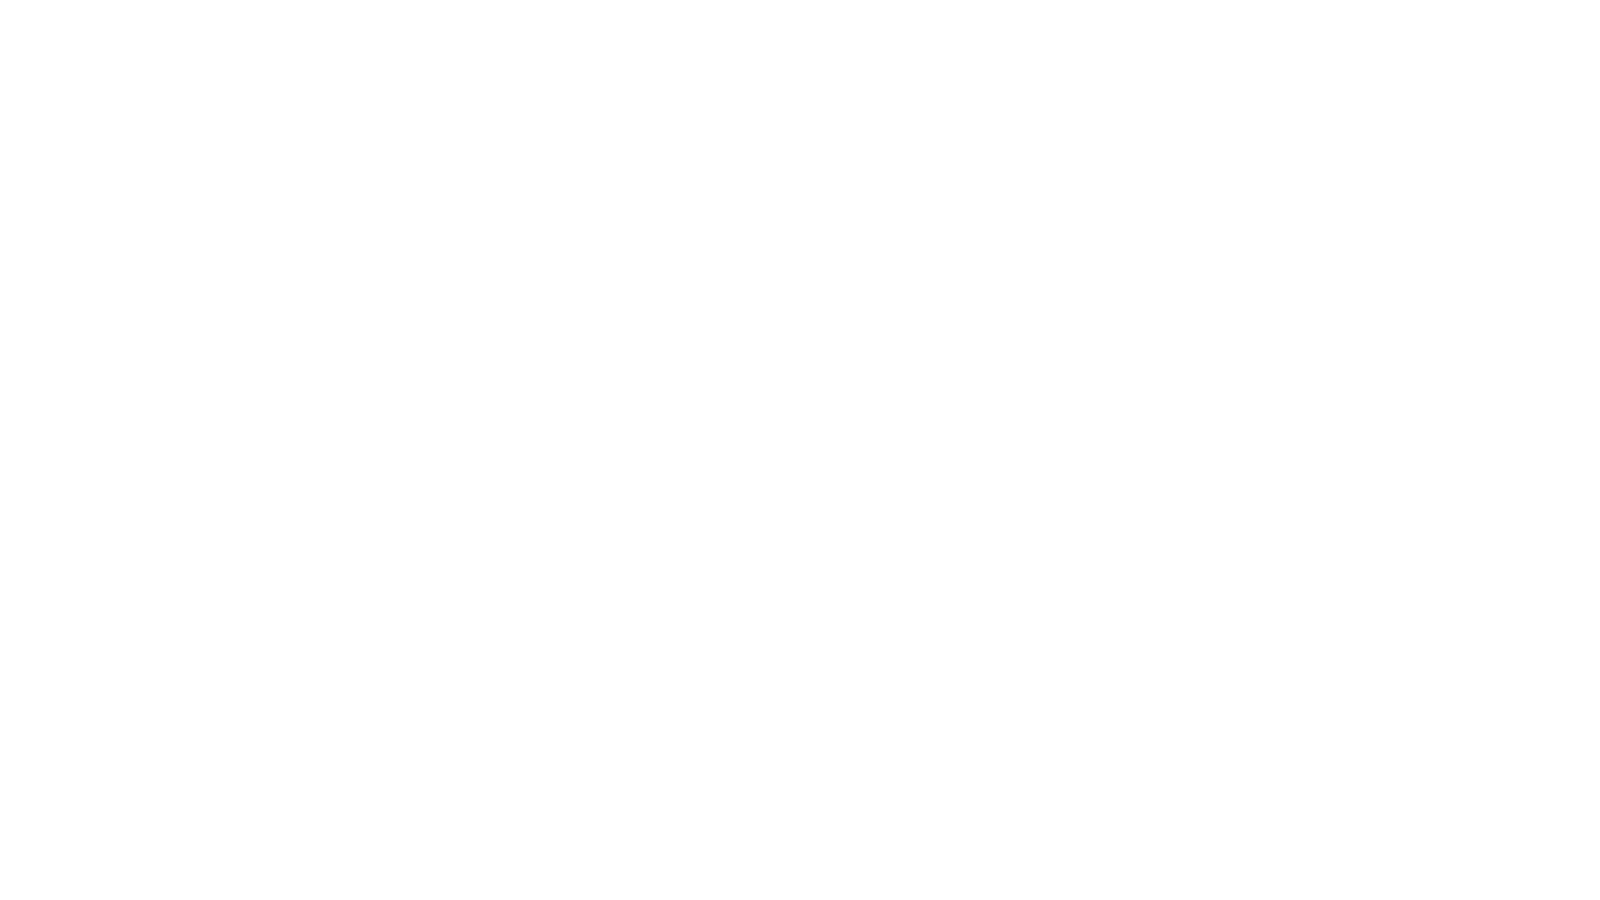 Falamos aqui nessa parte 4, o que você precisa saber para abrir uma empresa. Confira os cuidados que deve tomar e como proceder. . Para saber mais acesse o nosso site https://www.contabilassis.com Insta: @contabilassis . Inscreva-se no canal Ative as notificações #contabilidade #empresa #contador #sorocaba